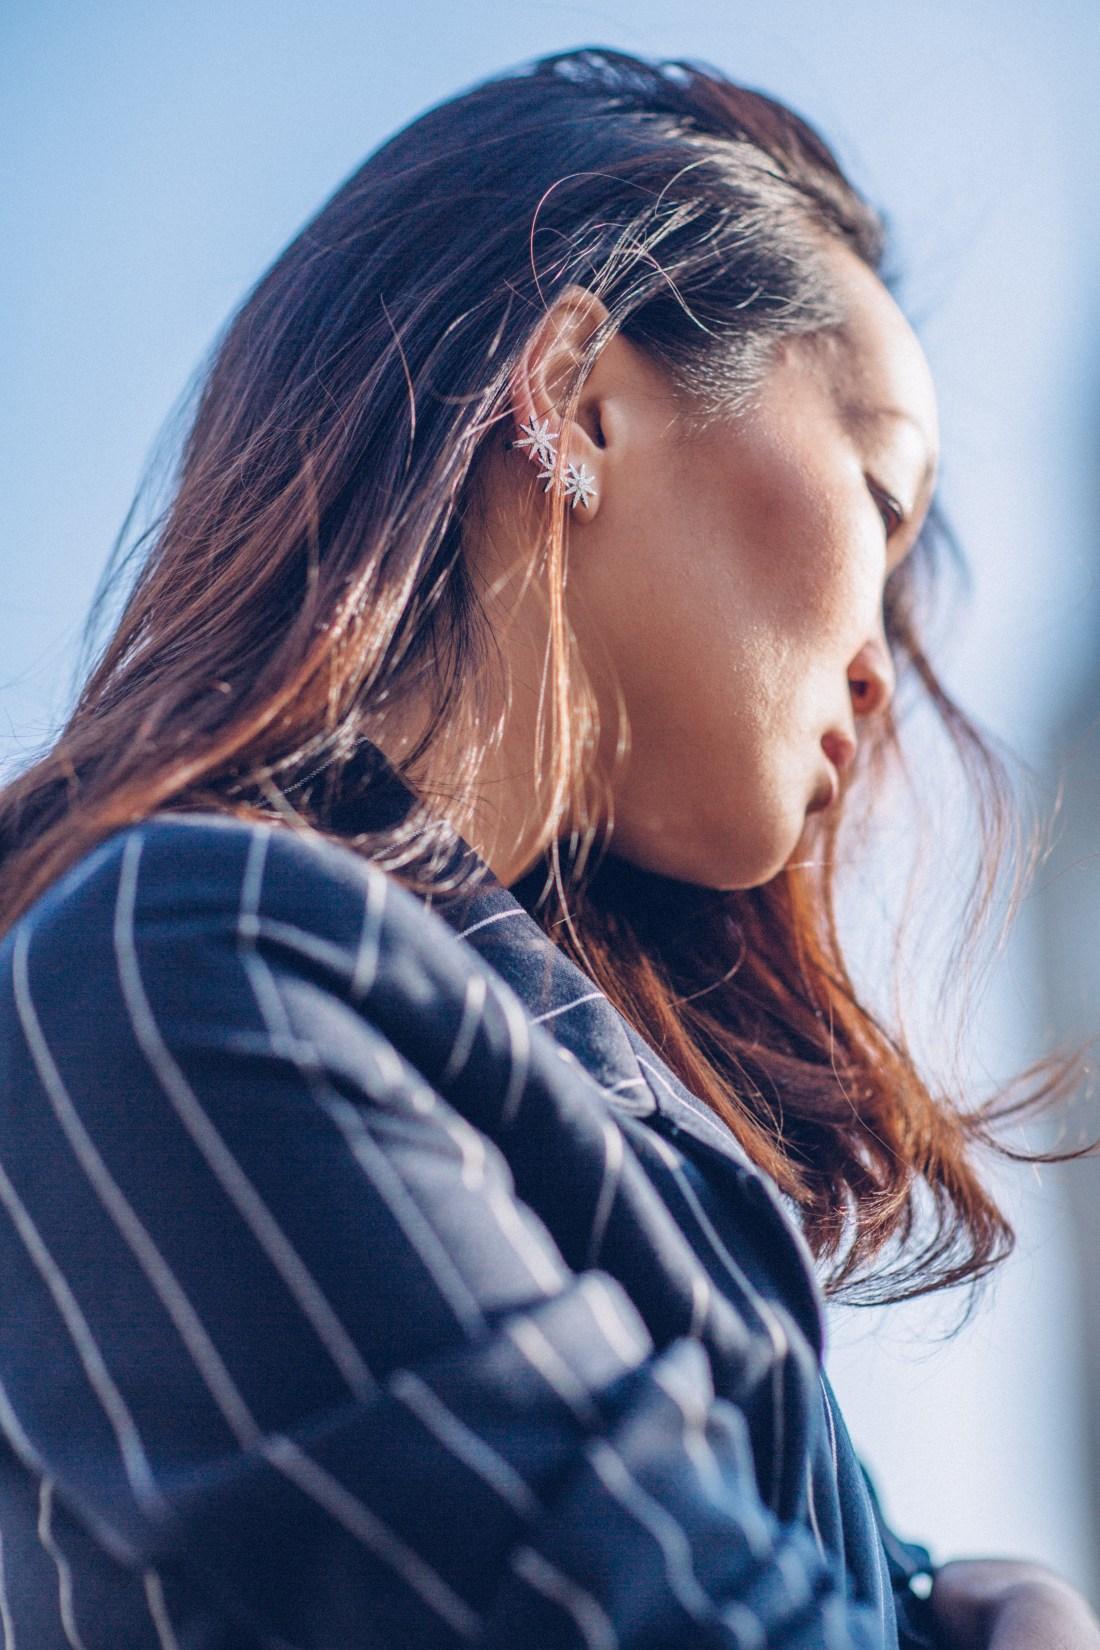 Mariko Kuo at Big Ben in Gestuz suit